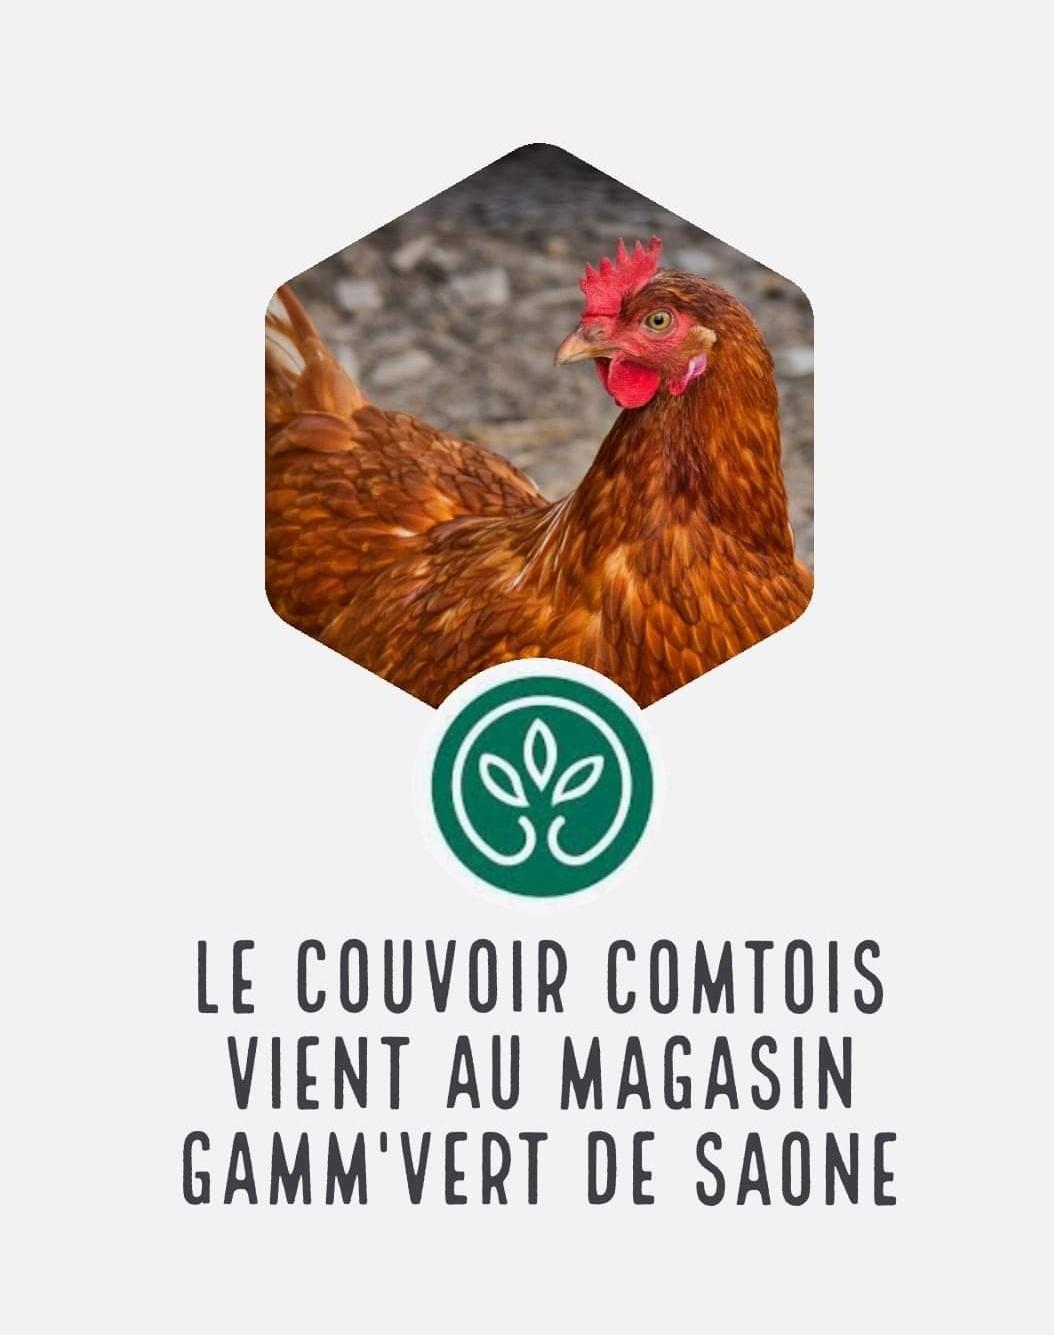 Gamm'vert et coivoir Comtois